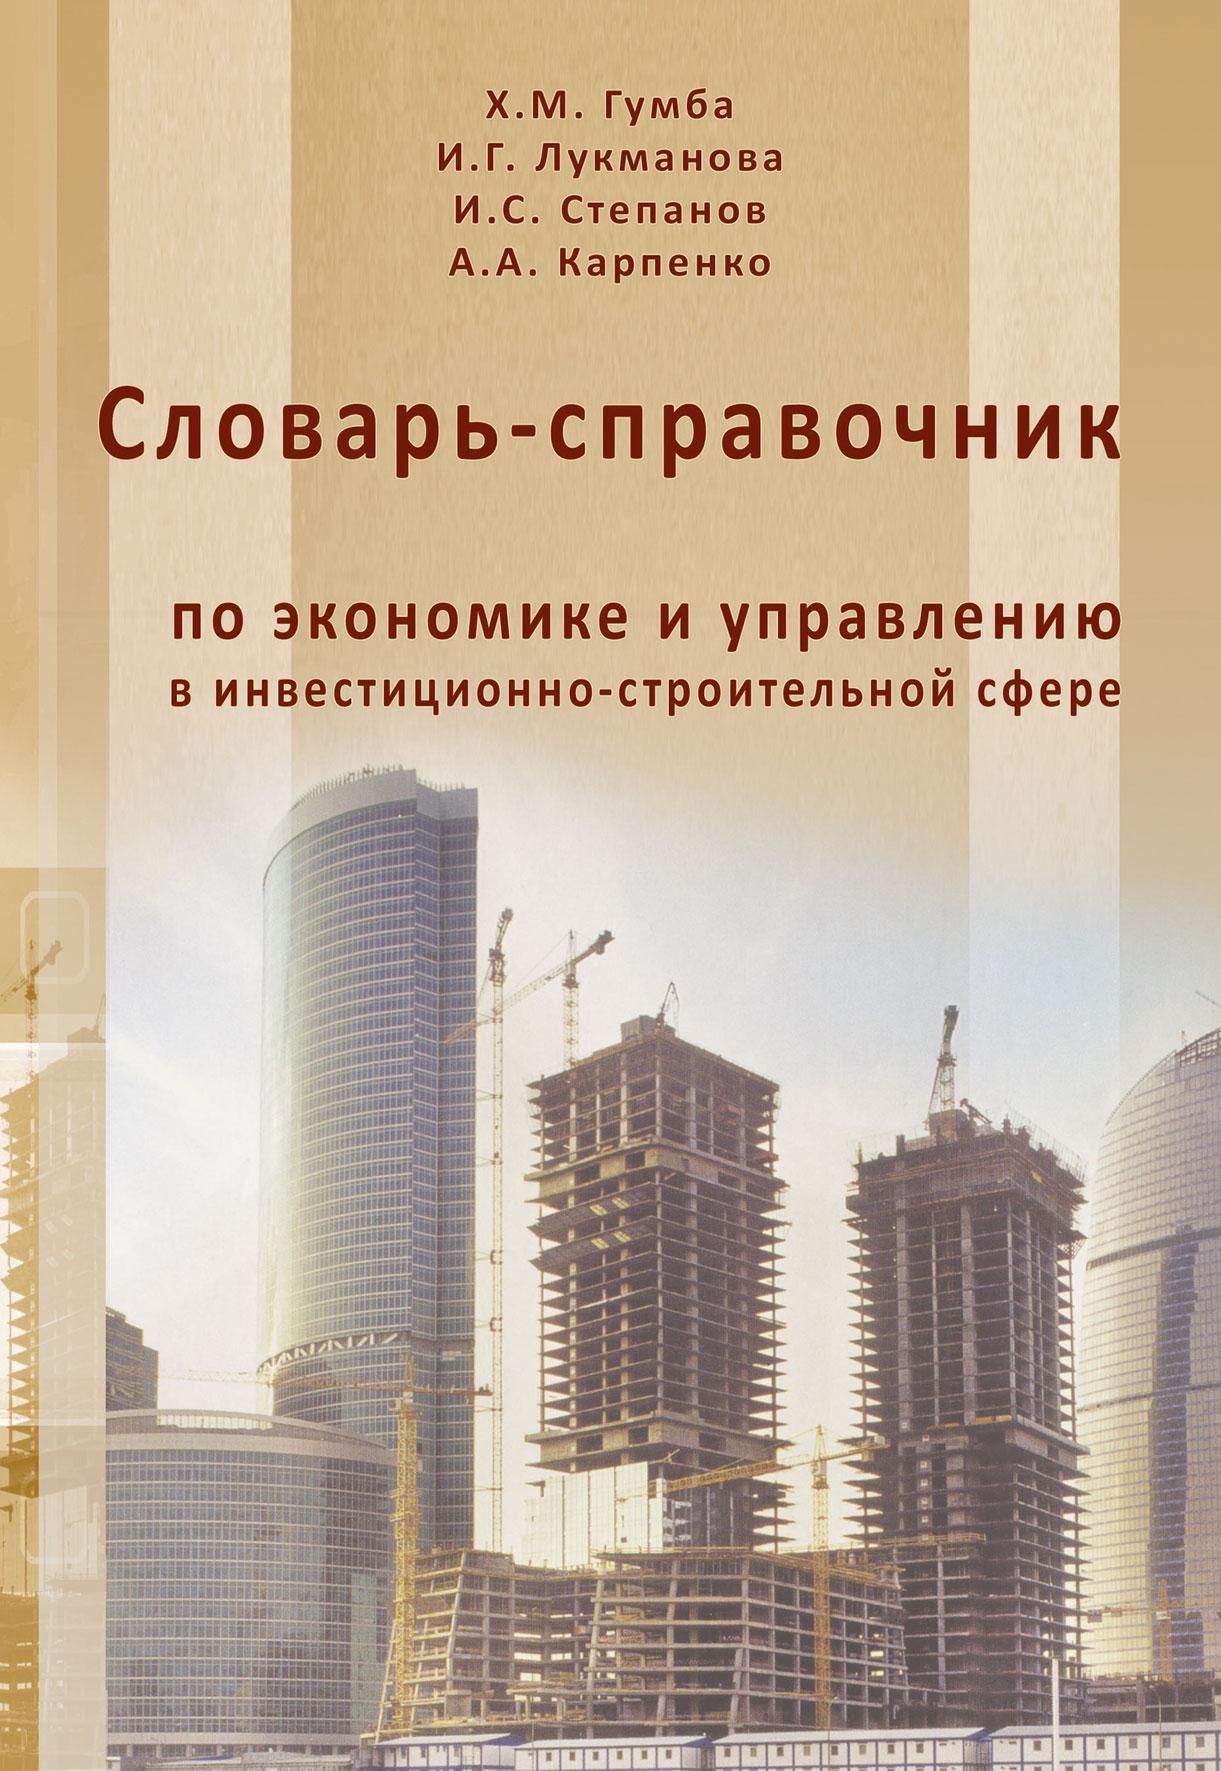 цена на Х. М. Гумба Словарь-справочник по экономике и управлению в инвестиционно-строительной сфере